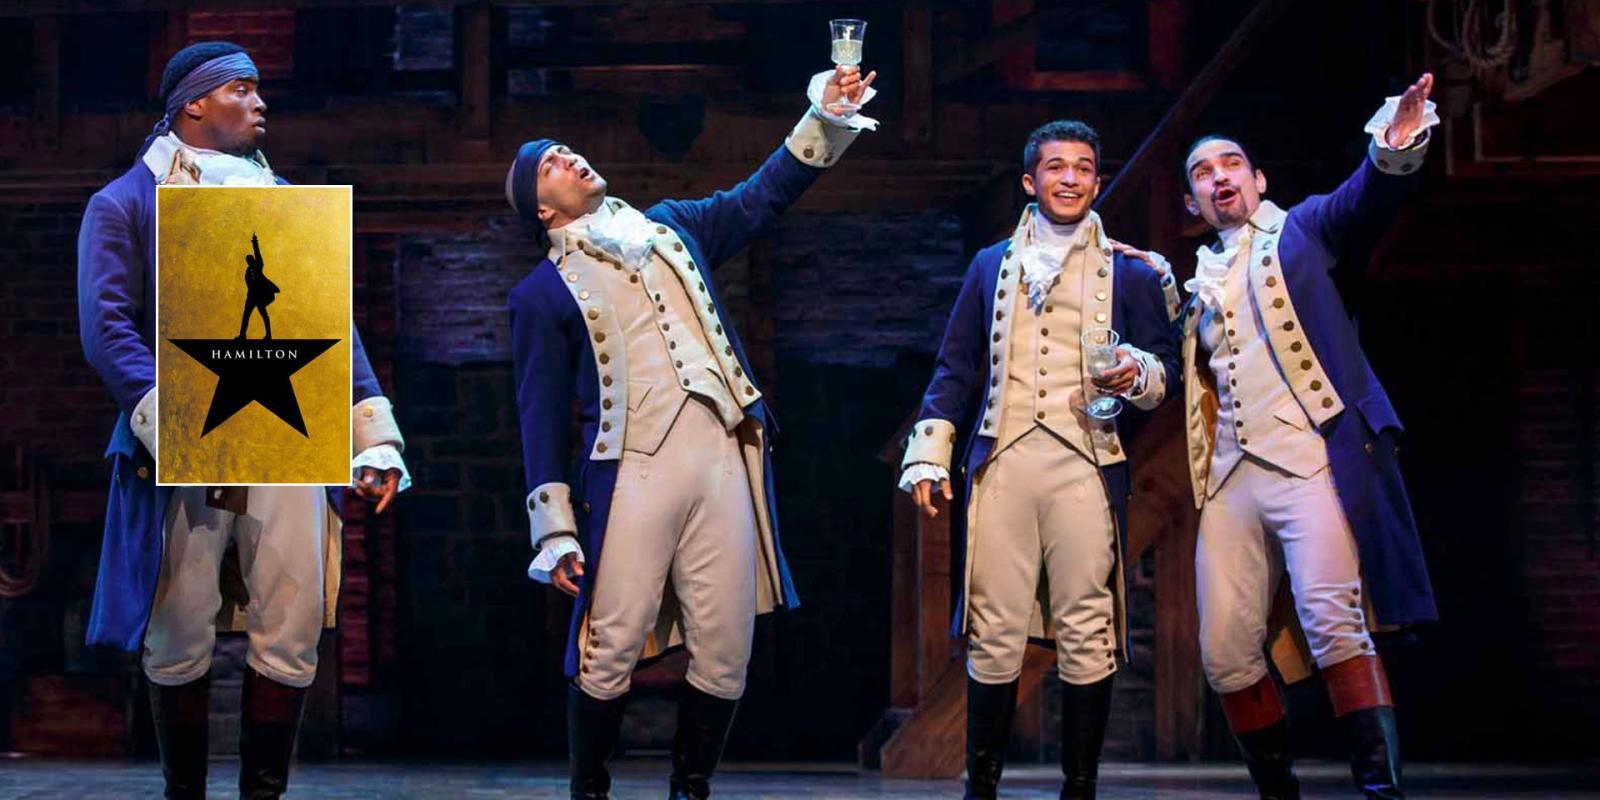 ᐅ Hamilton Broadway - O musiclal Hamilton em Nova York 2020